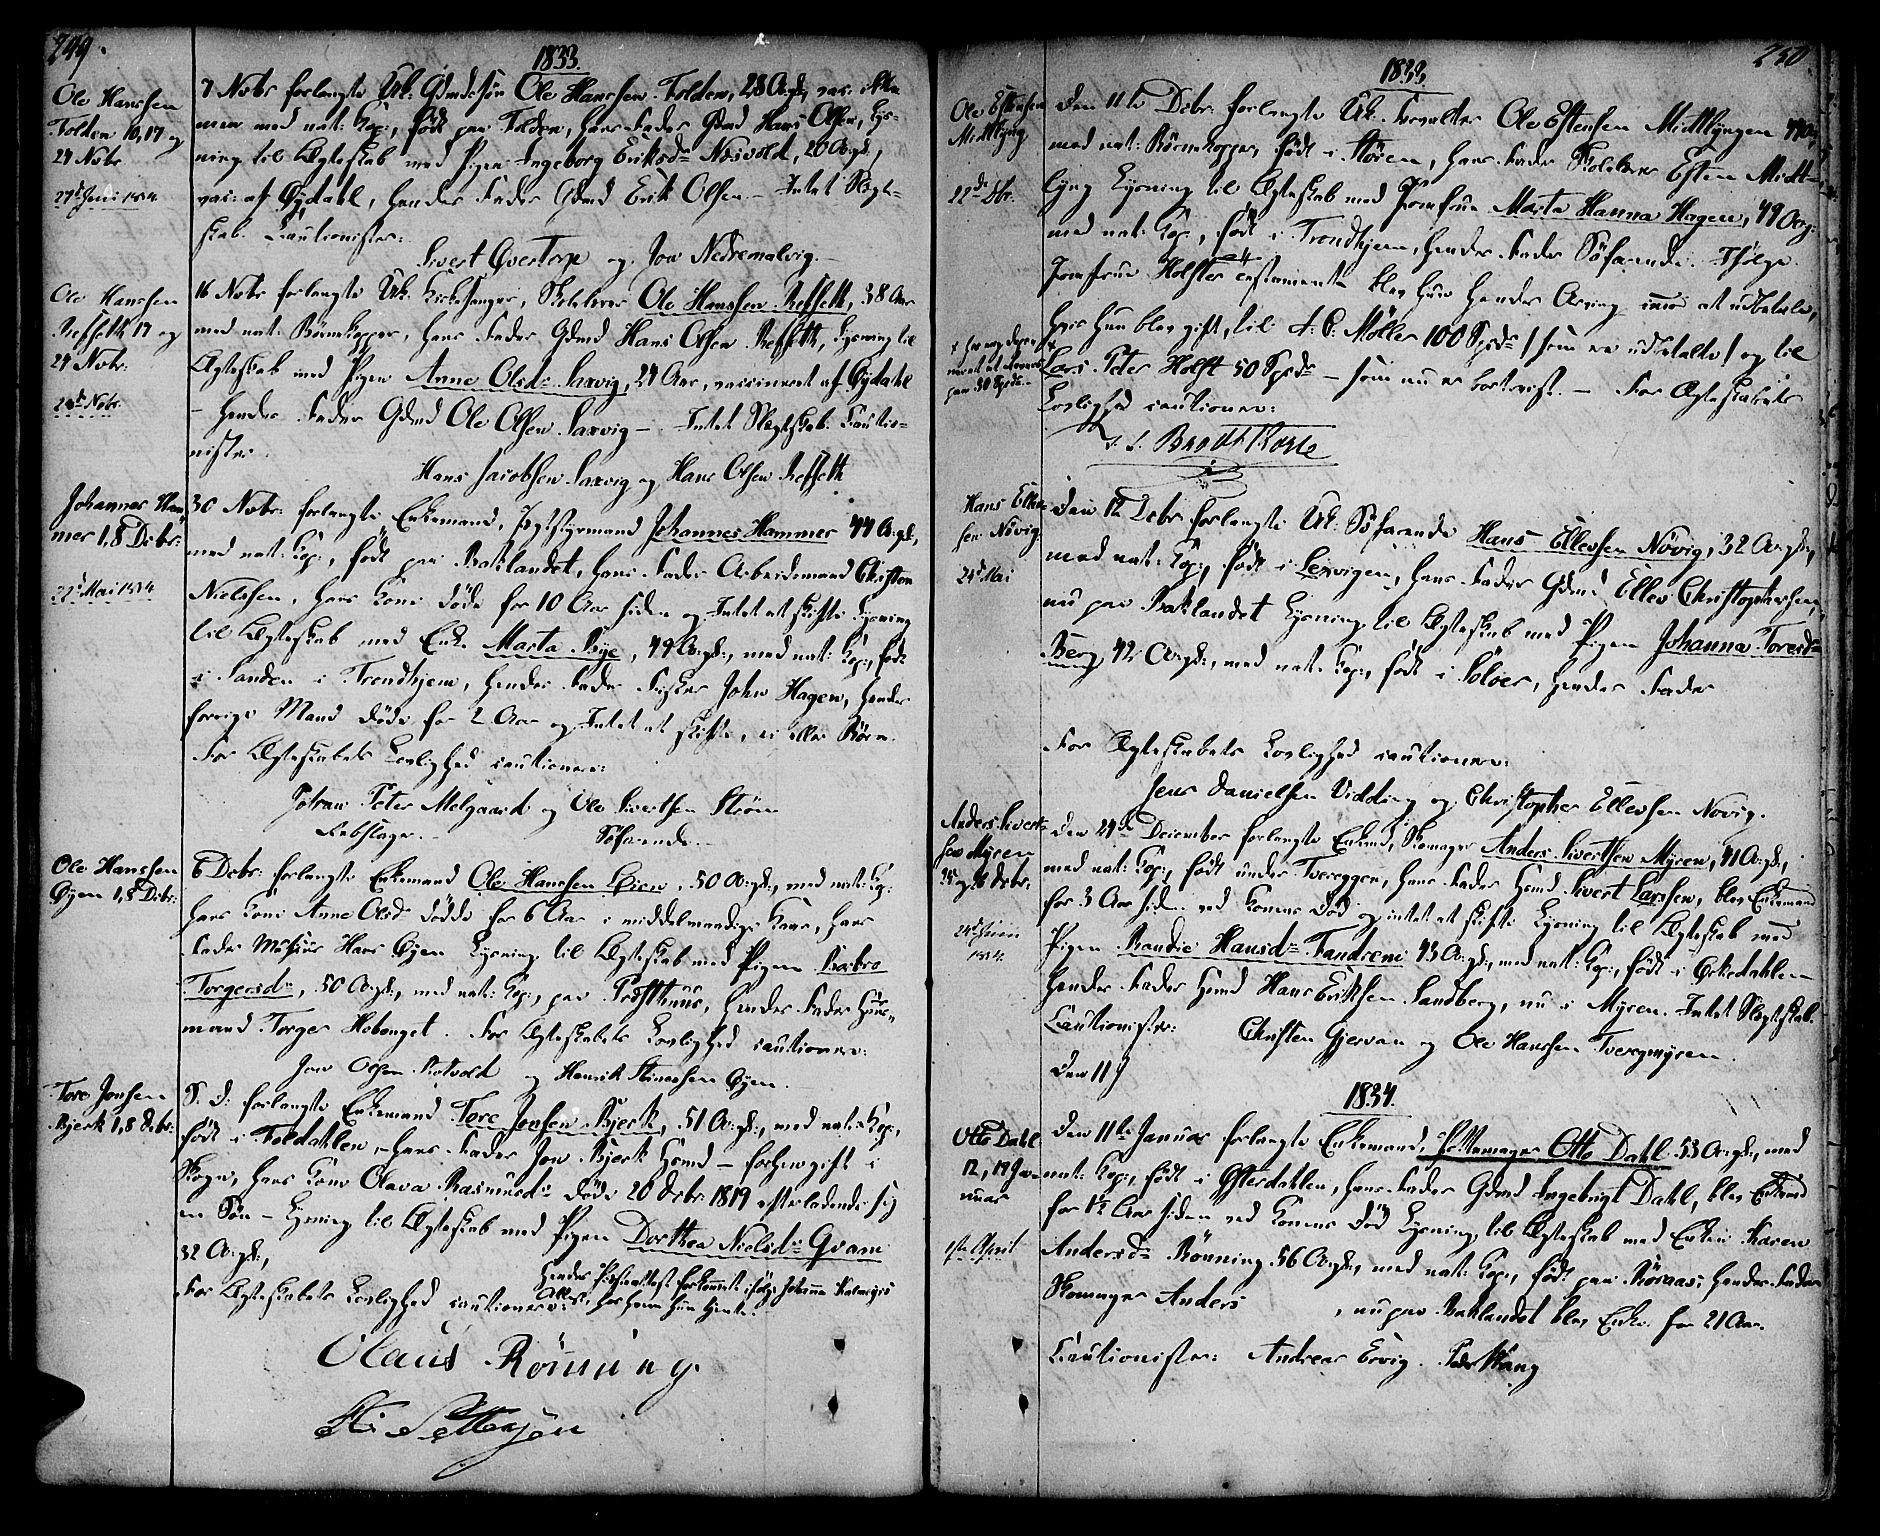 SAT, Ministerialprotokoller, klokkerbøker og fødselsregistre - Sør-Trøndelag, 604/L0181: Ministerialbok nr. 604A02, 1798-1817, s. 249-250